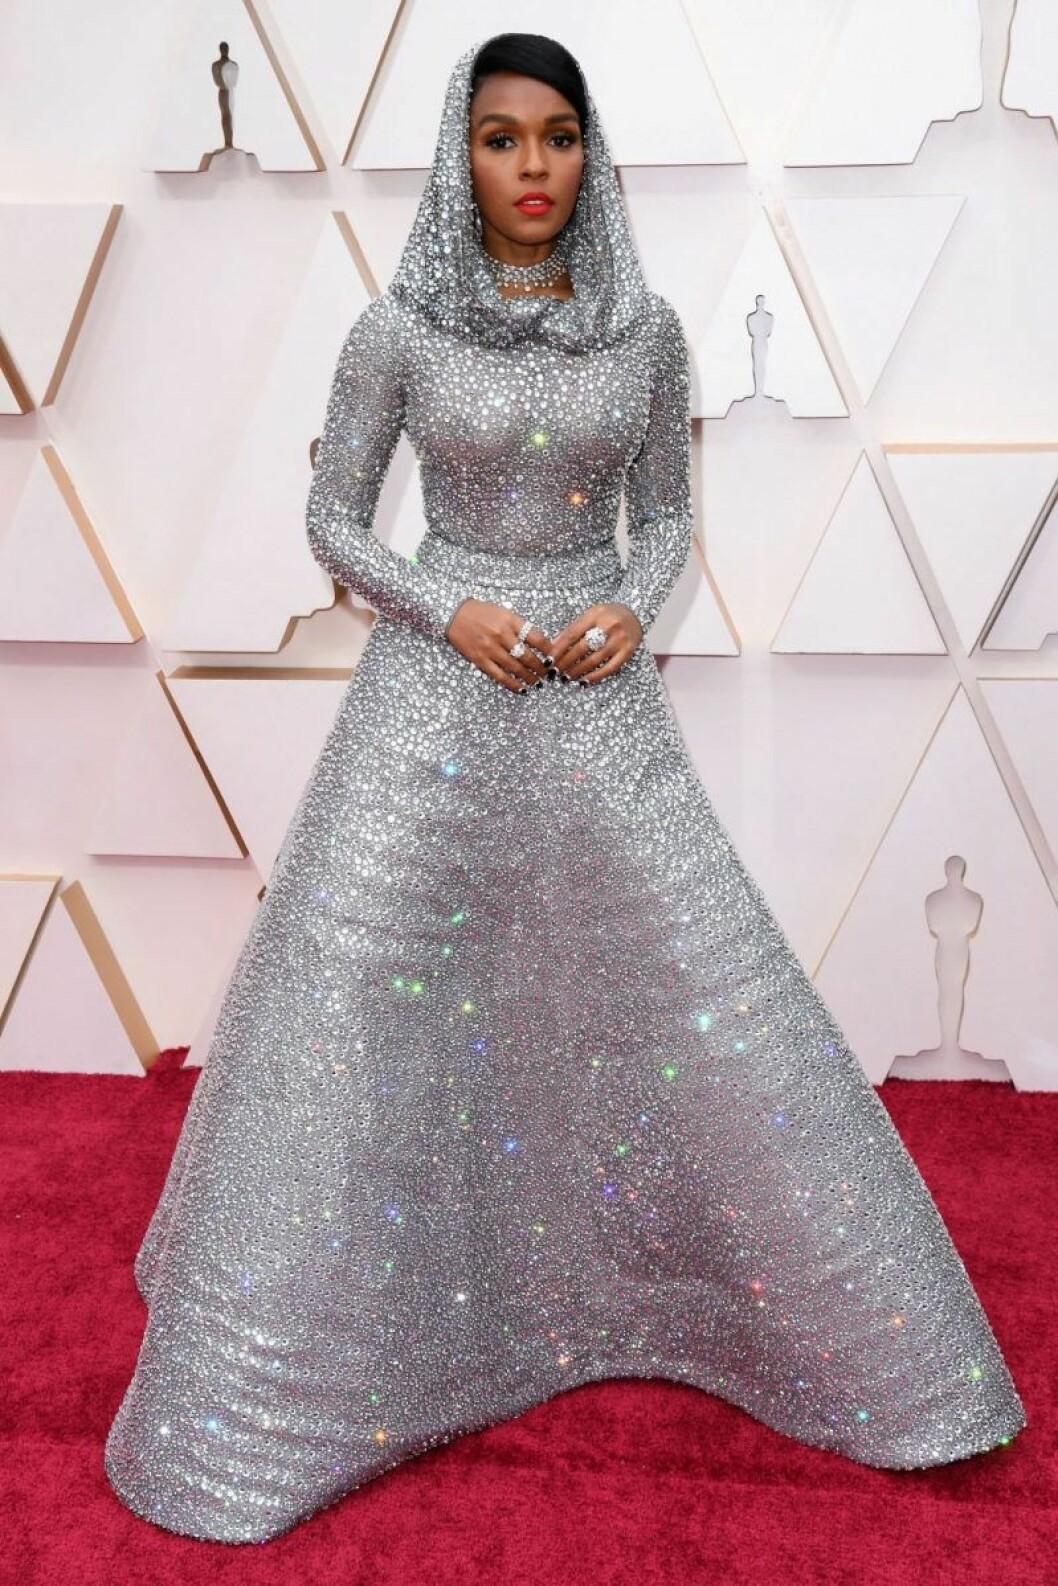 Janelle Monae i silverglittrig klänning på röda mattan